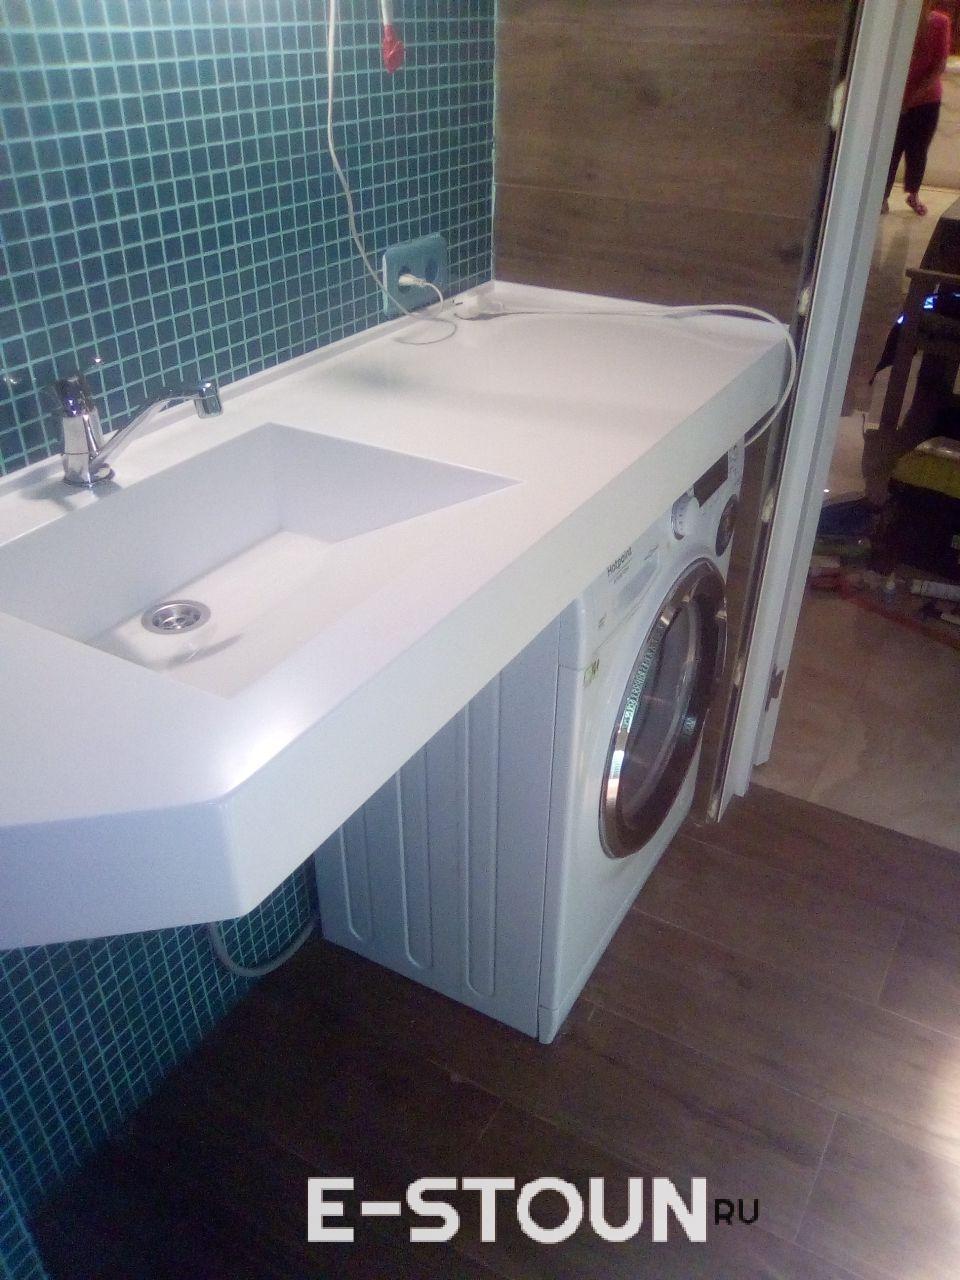 """Столешница в ванную из белого искусственного камня Himacs S302 White Opal: раковина интегрированная, форма стока """"под наклоном"""""""